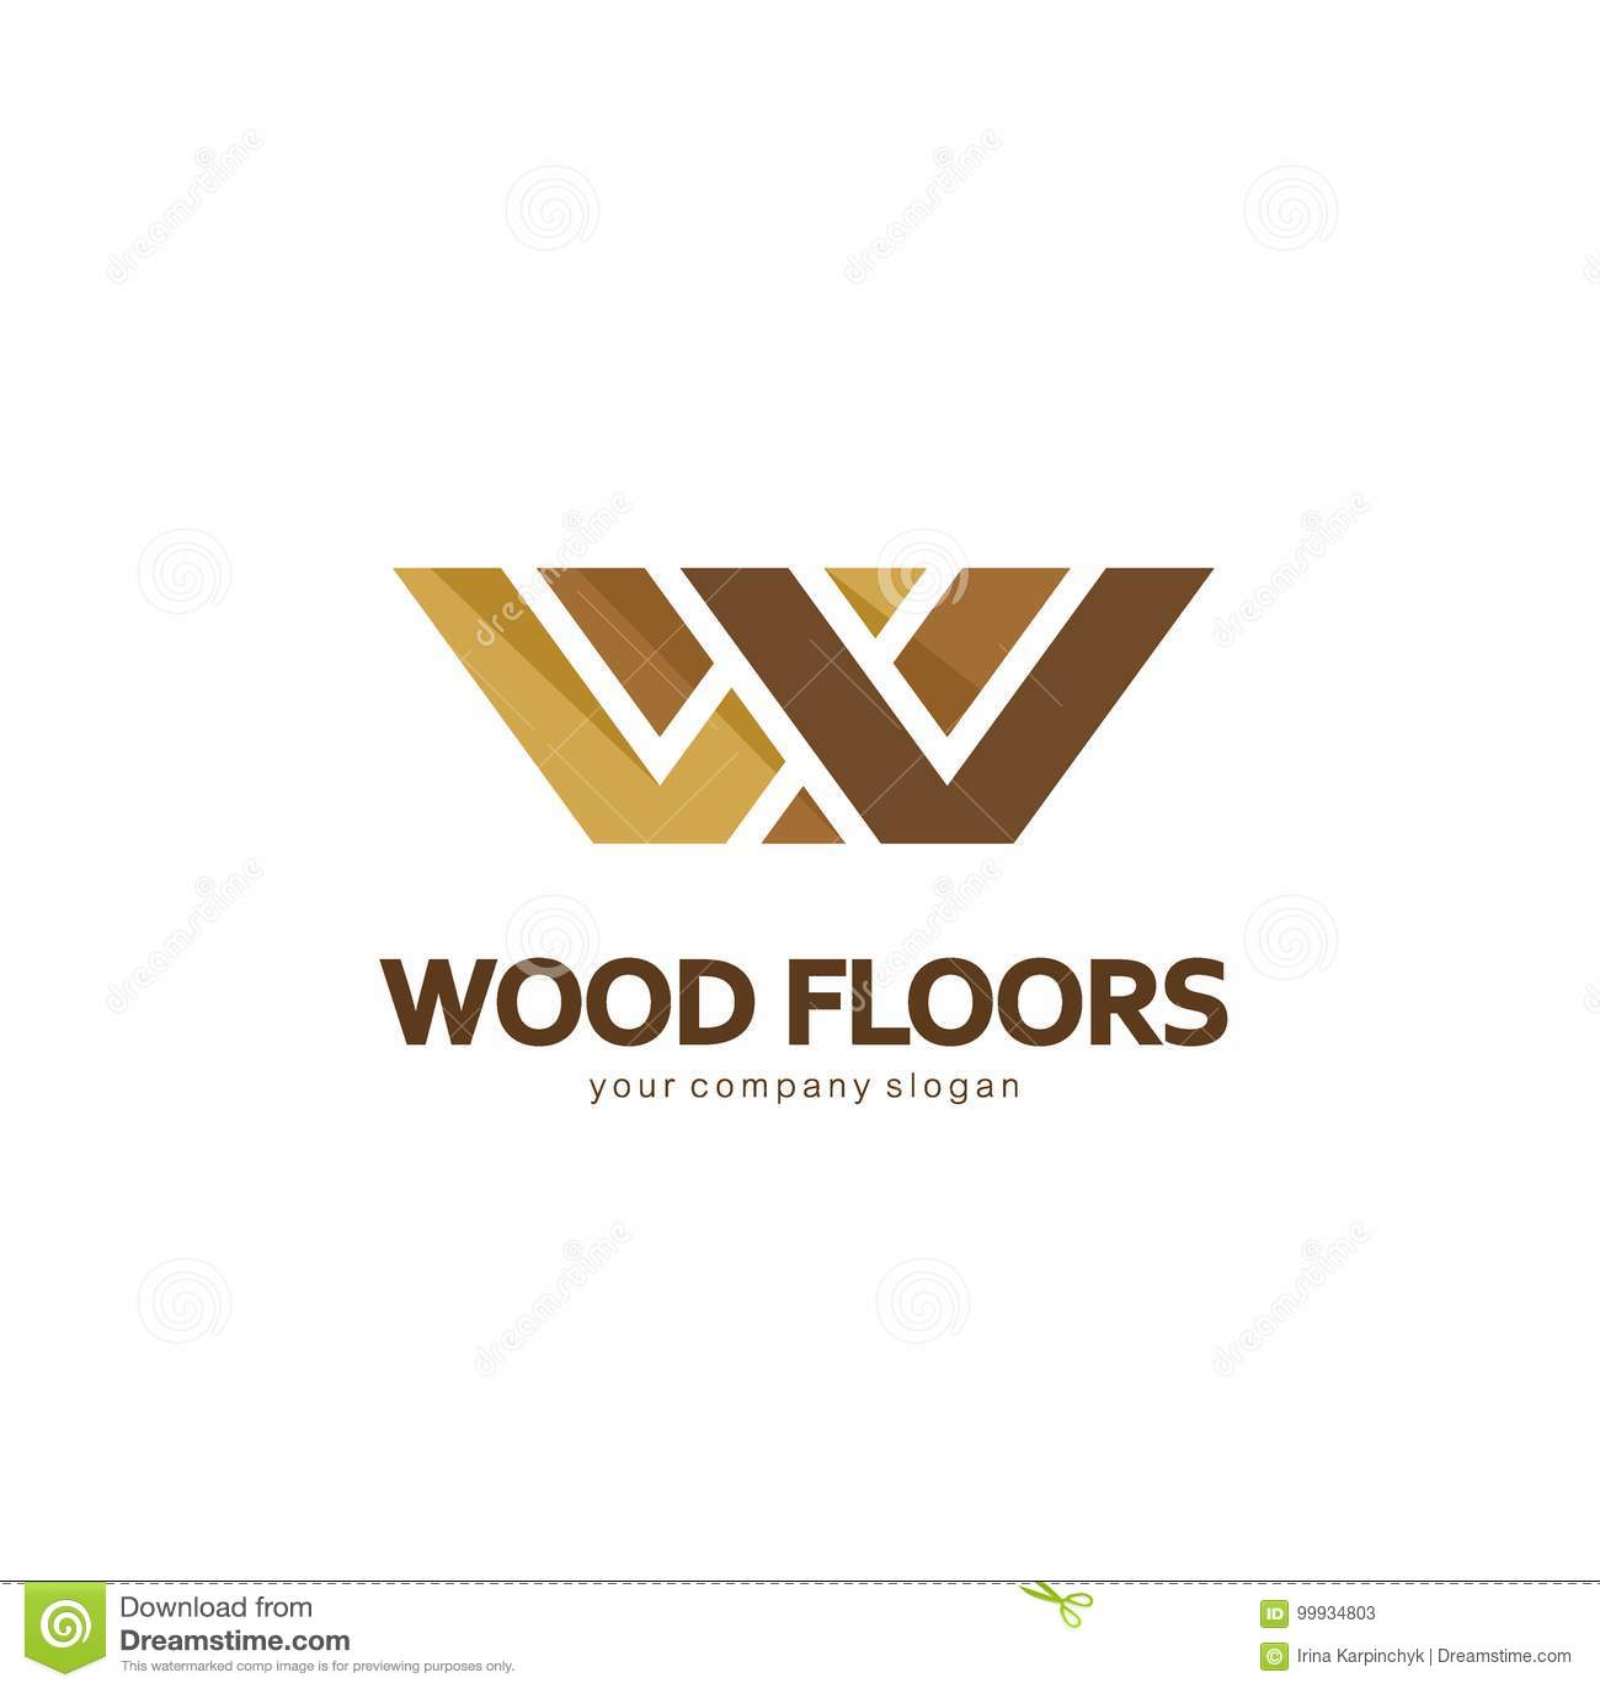 Abstrakt logomall för vektor Logodesign för parketten, laminat, durk, tegelplattor floors trä